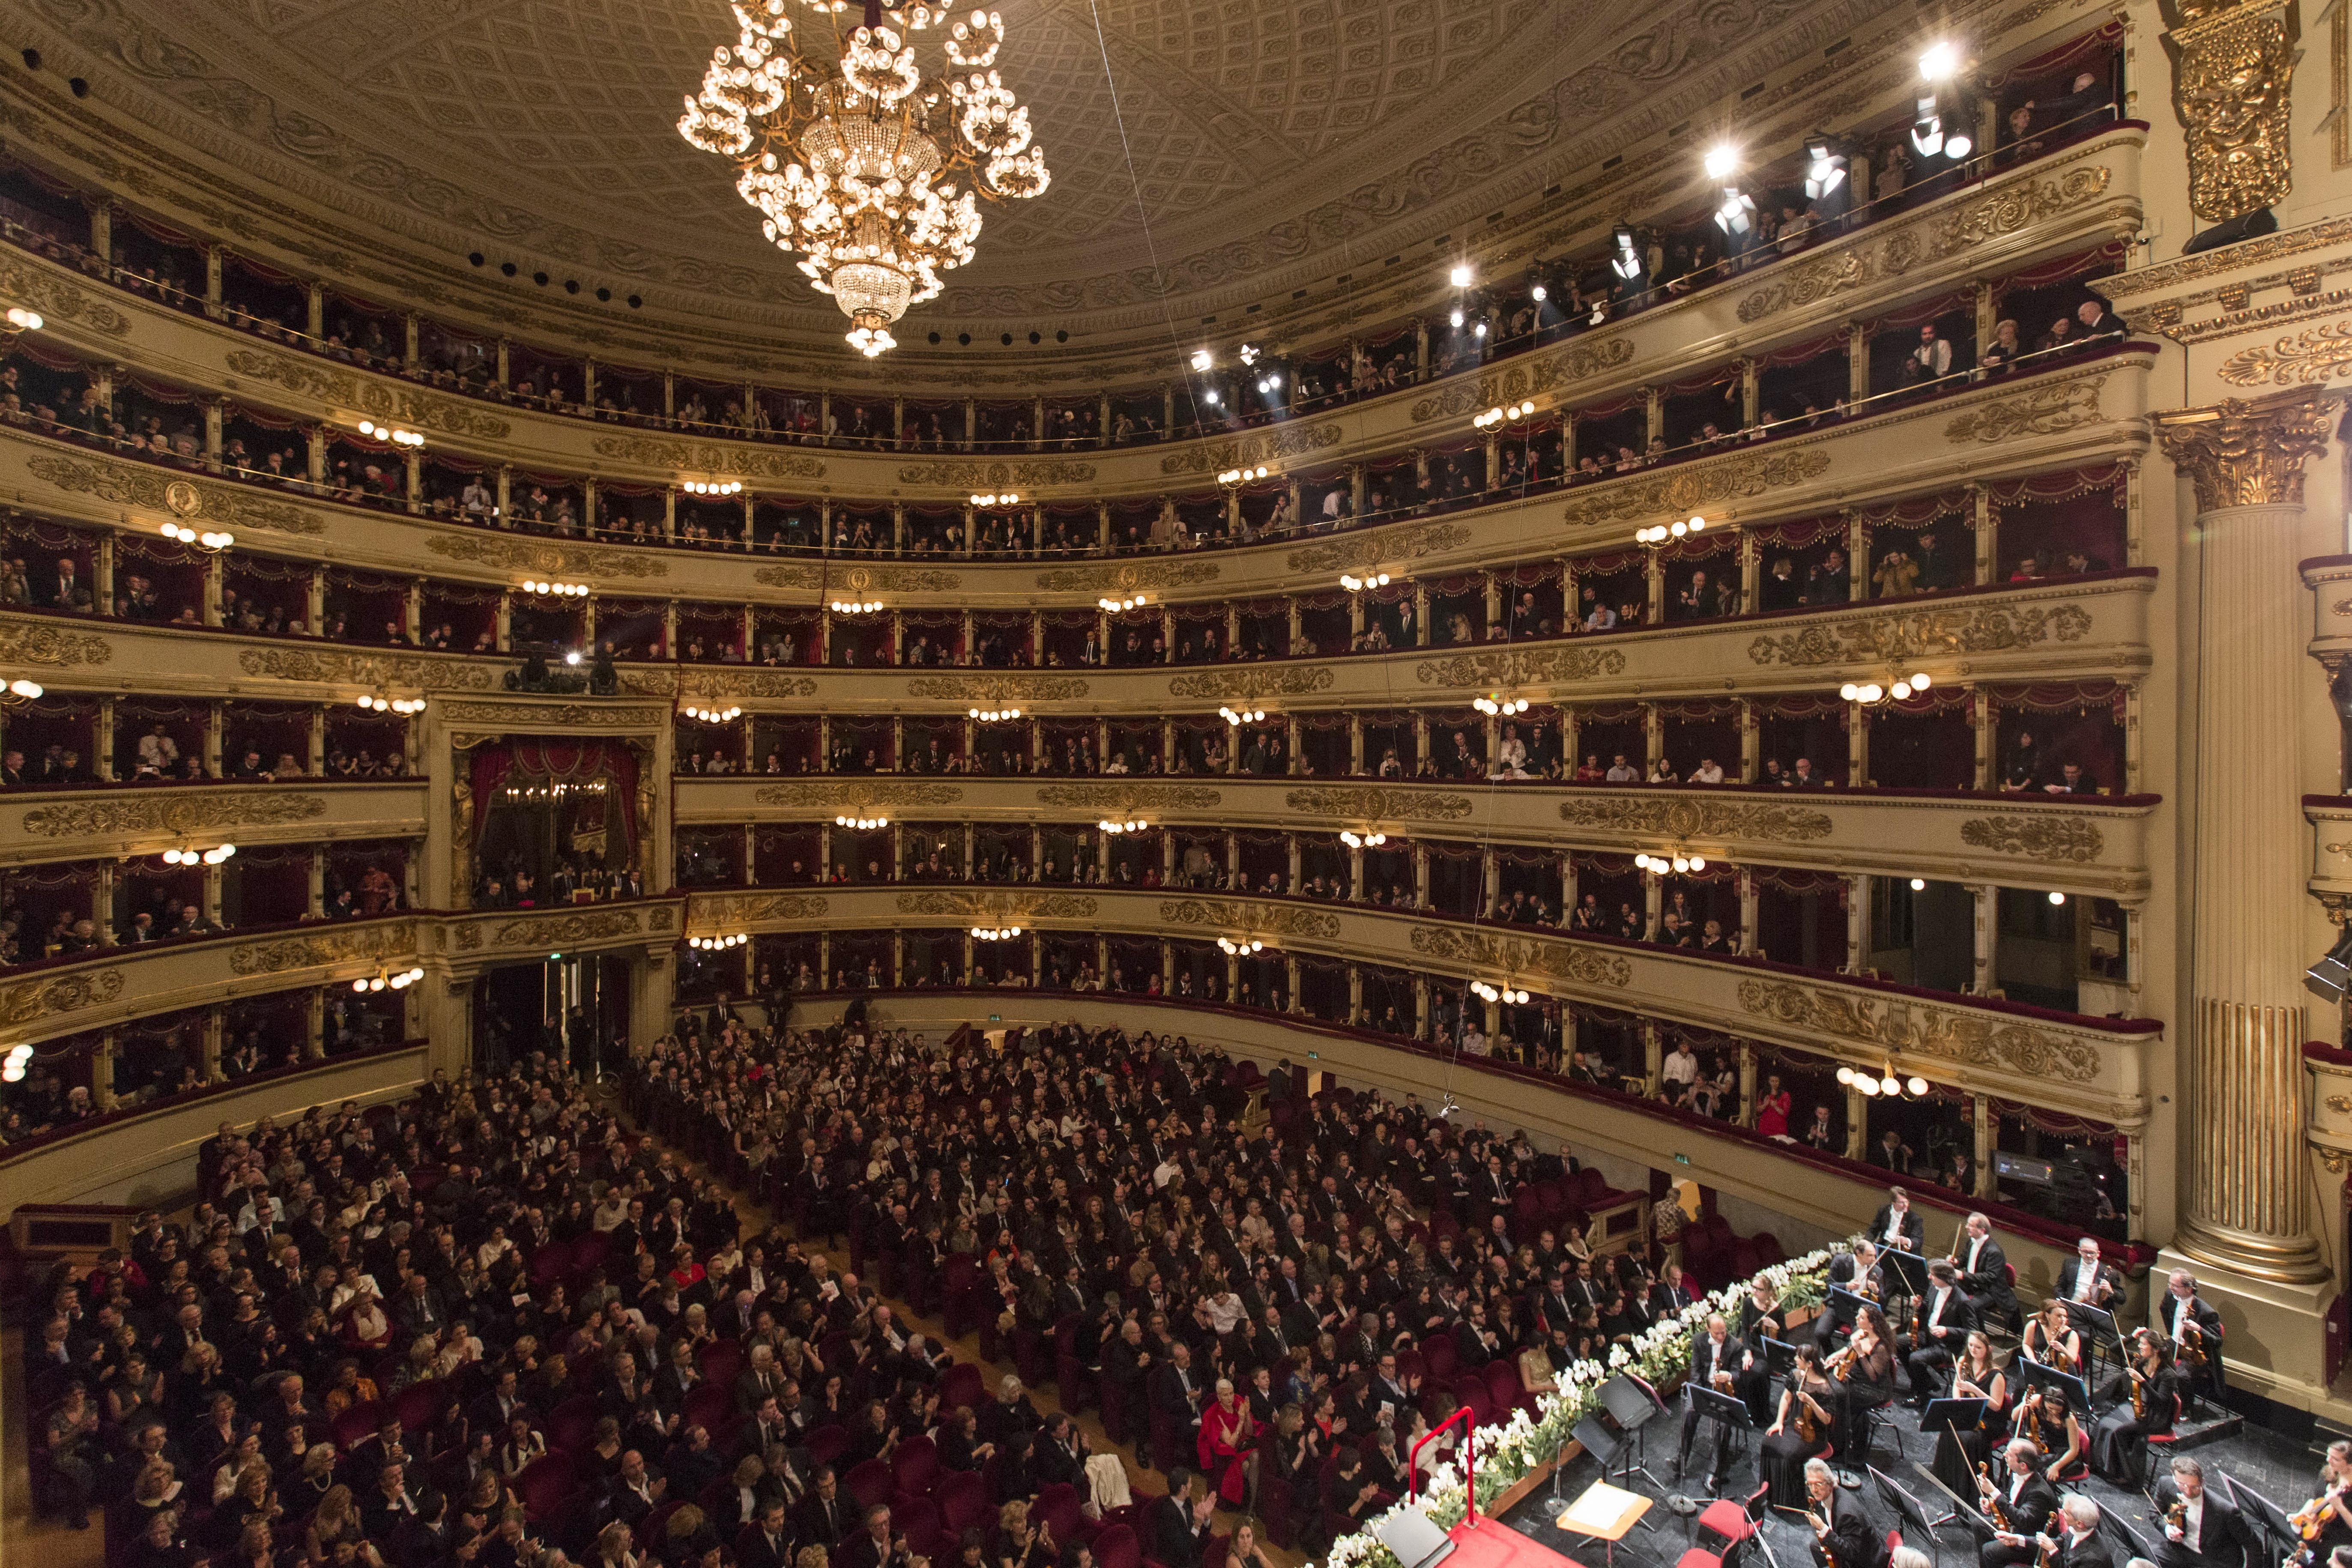 Breve storia dei teatri: la Scala di Milano